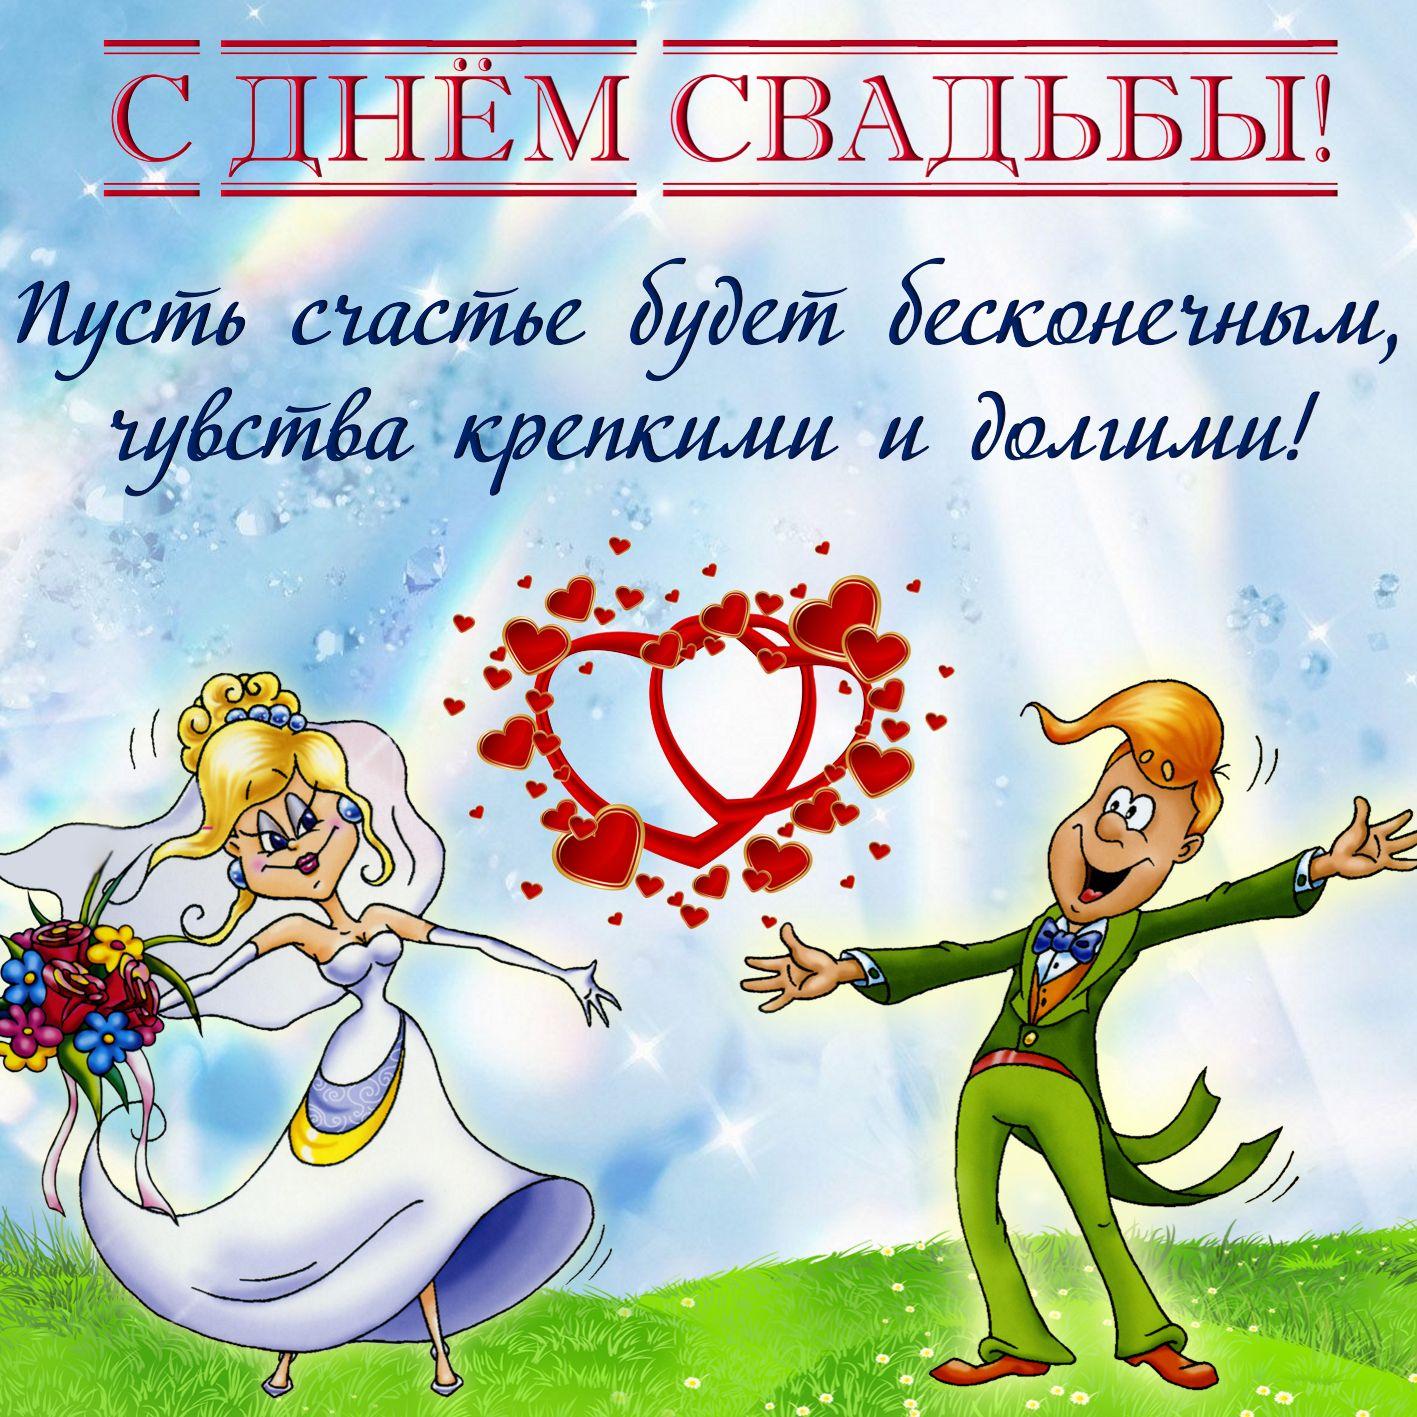 Поздравление с днем свадьбы коллеге девушке картинки, днем